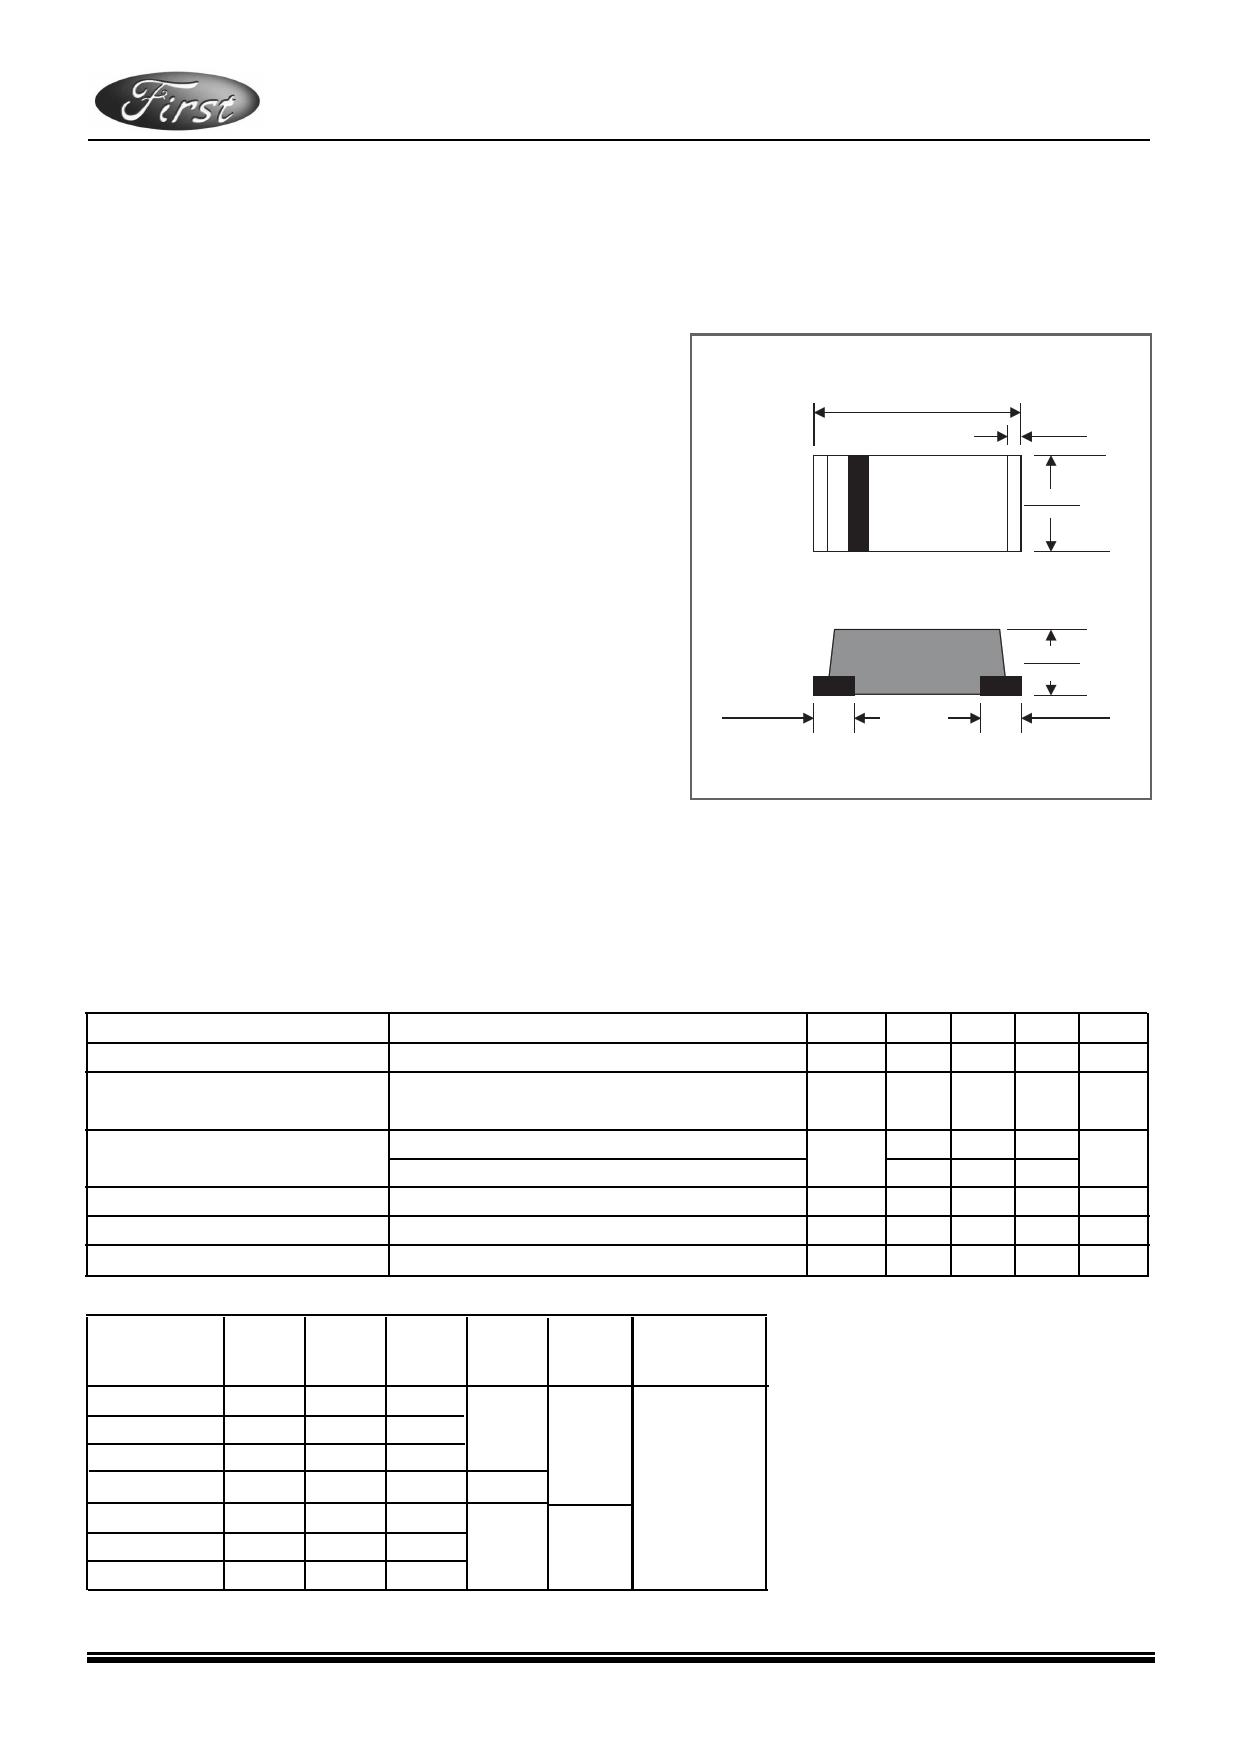 MURA280G Datasheet